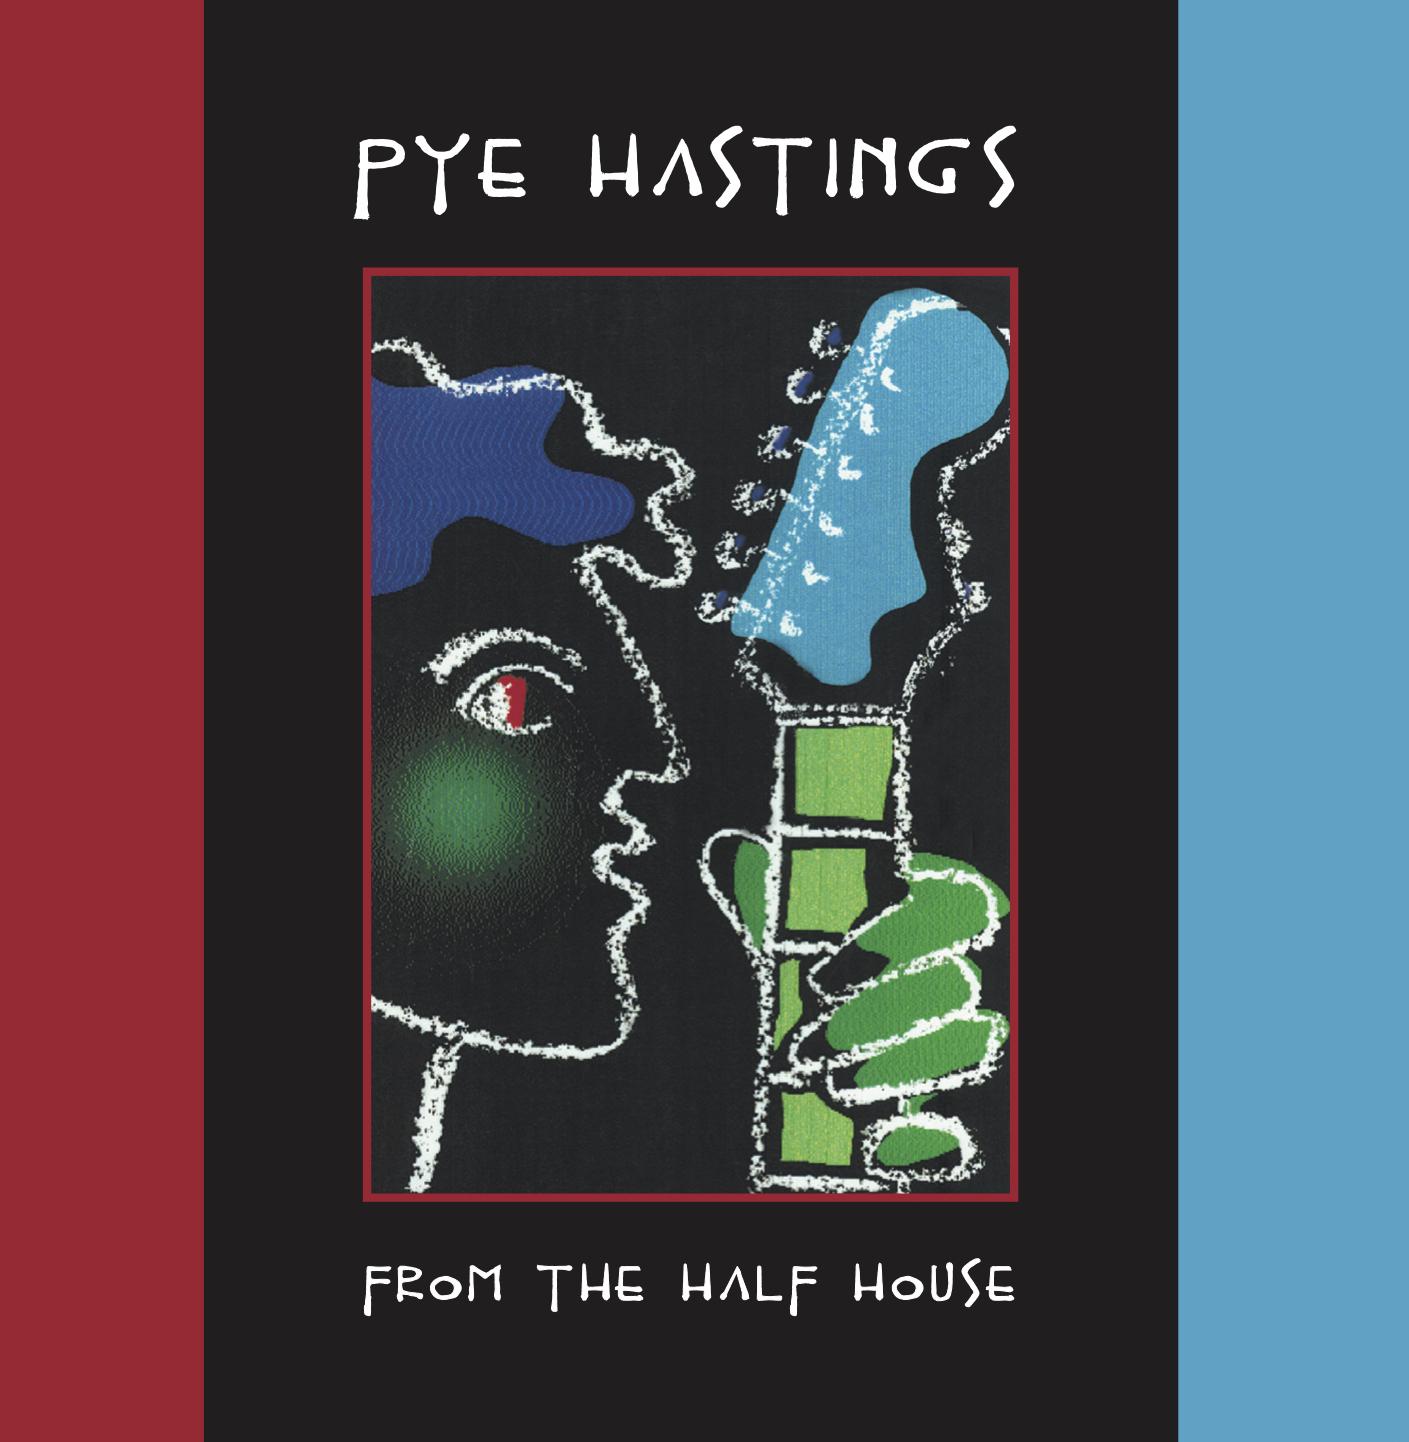 Pye Hastings solo album